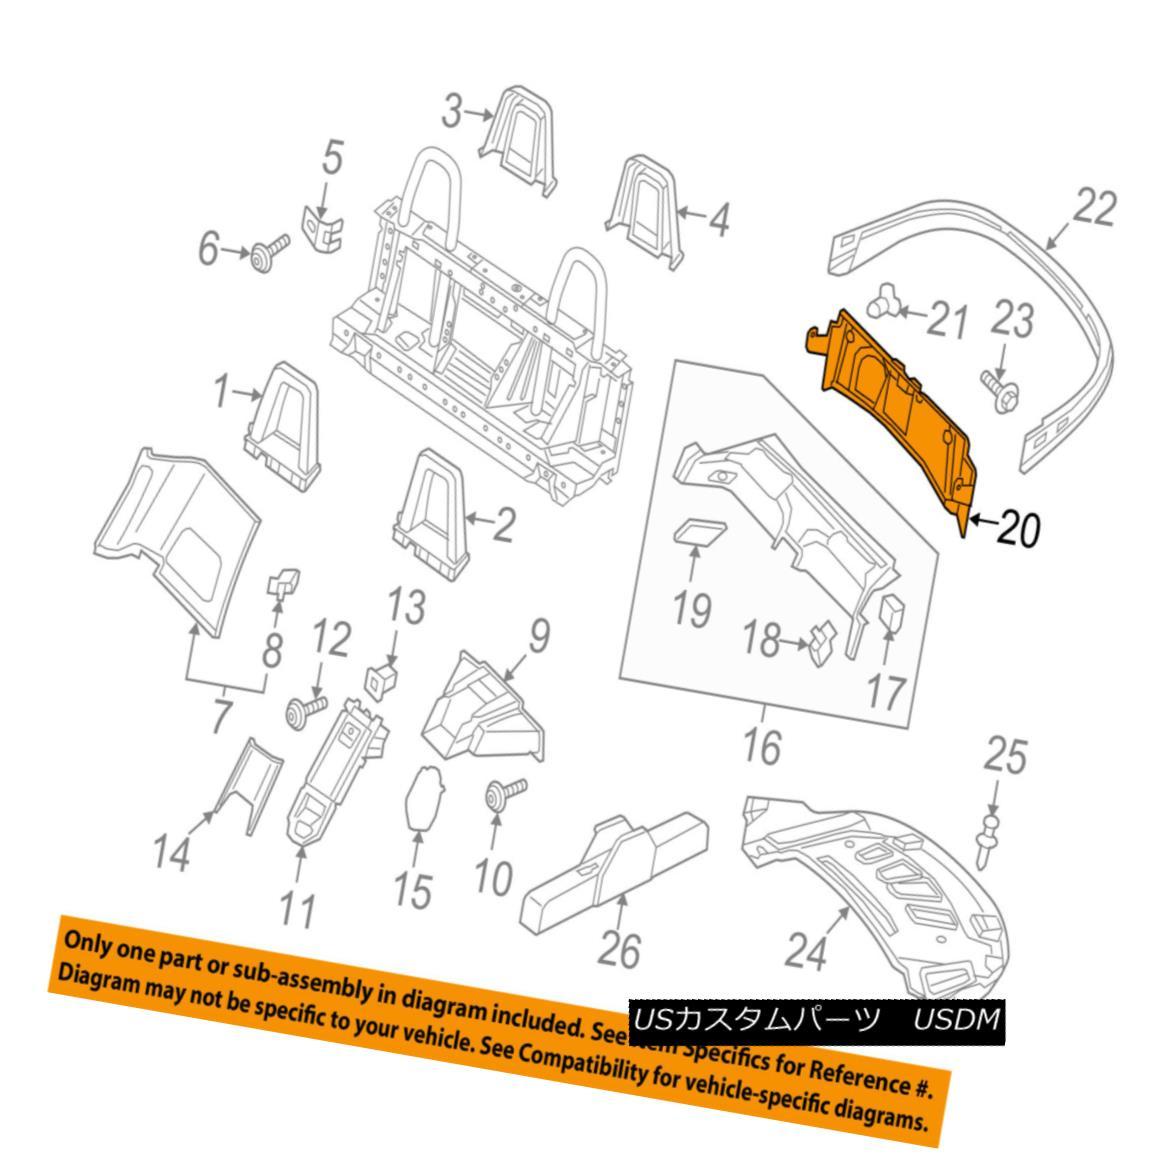 車用品 バイク用品 >> パーツ 外装 エアロパーツ その他 幌 ソフトトップ AUDI OEM 16-17 Rtible Panel Quattroインテリアコンベヤー - Quattro soft TT 初売り Interior-Convertible リアパネル8S7864401CA9 Top-Rear 日本最大級の品揃え 8S7864401CA9